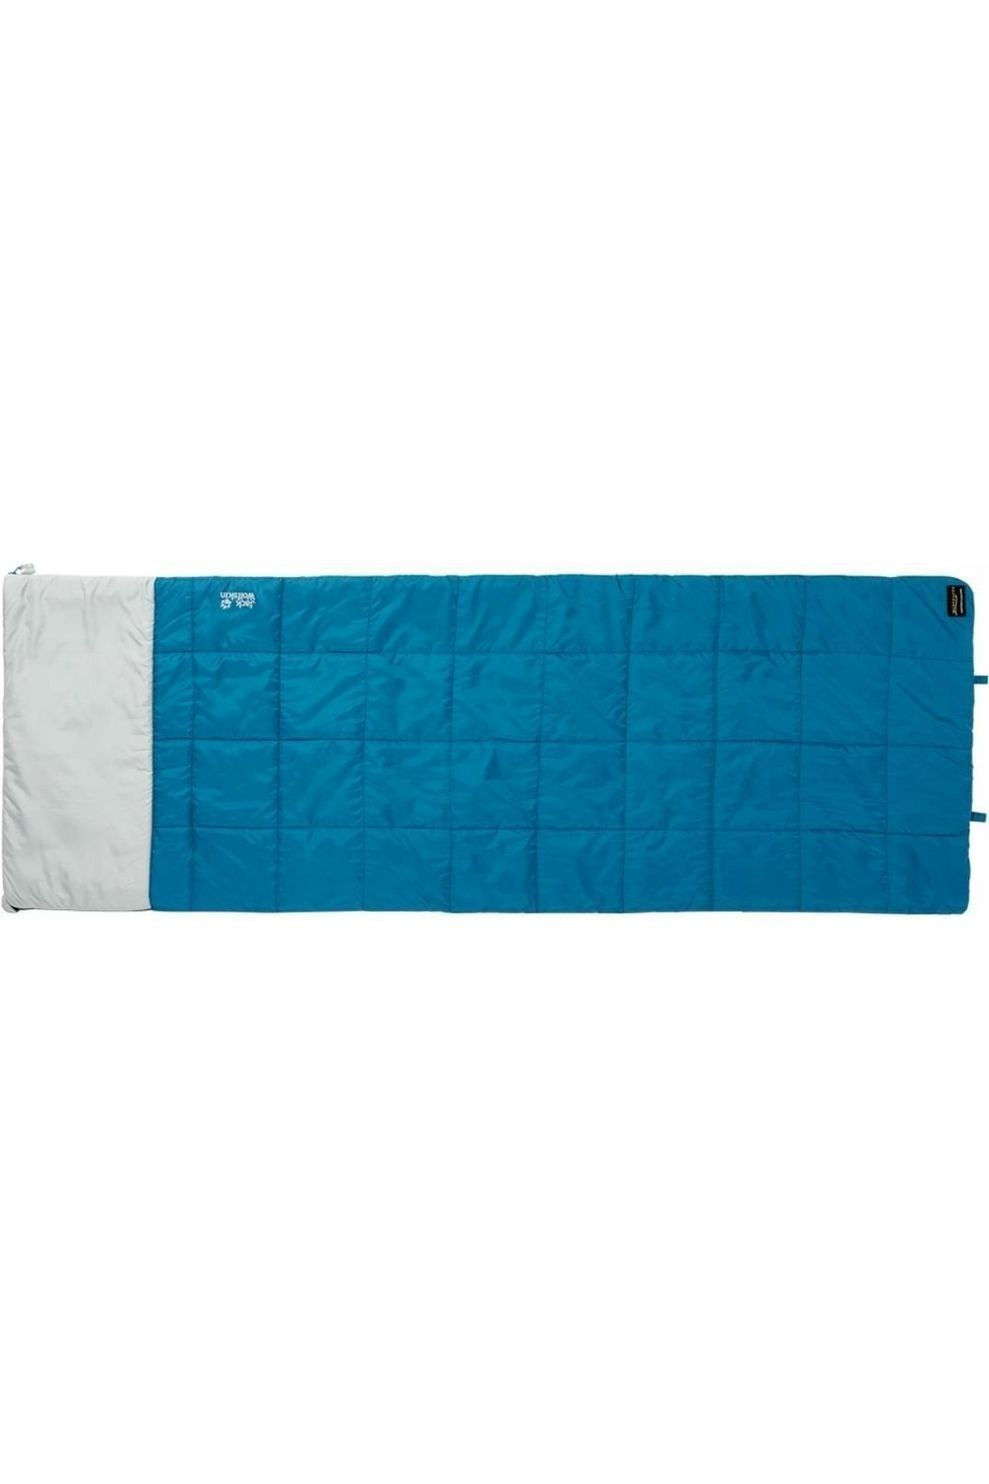 Jack Wolfskin Slaapzak 4 In 1 Blanket - Blauw